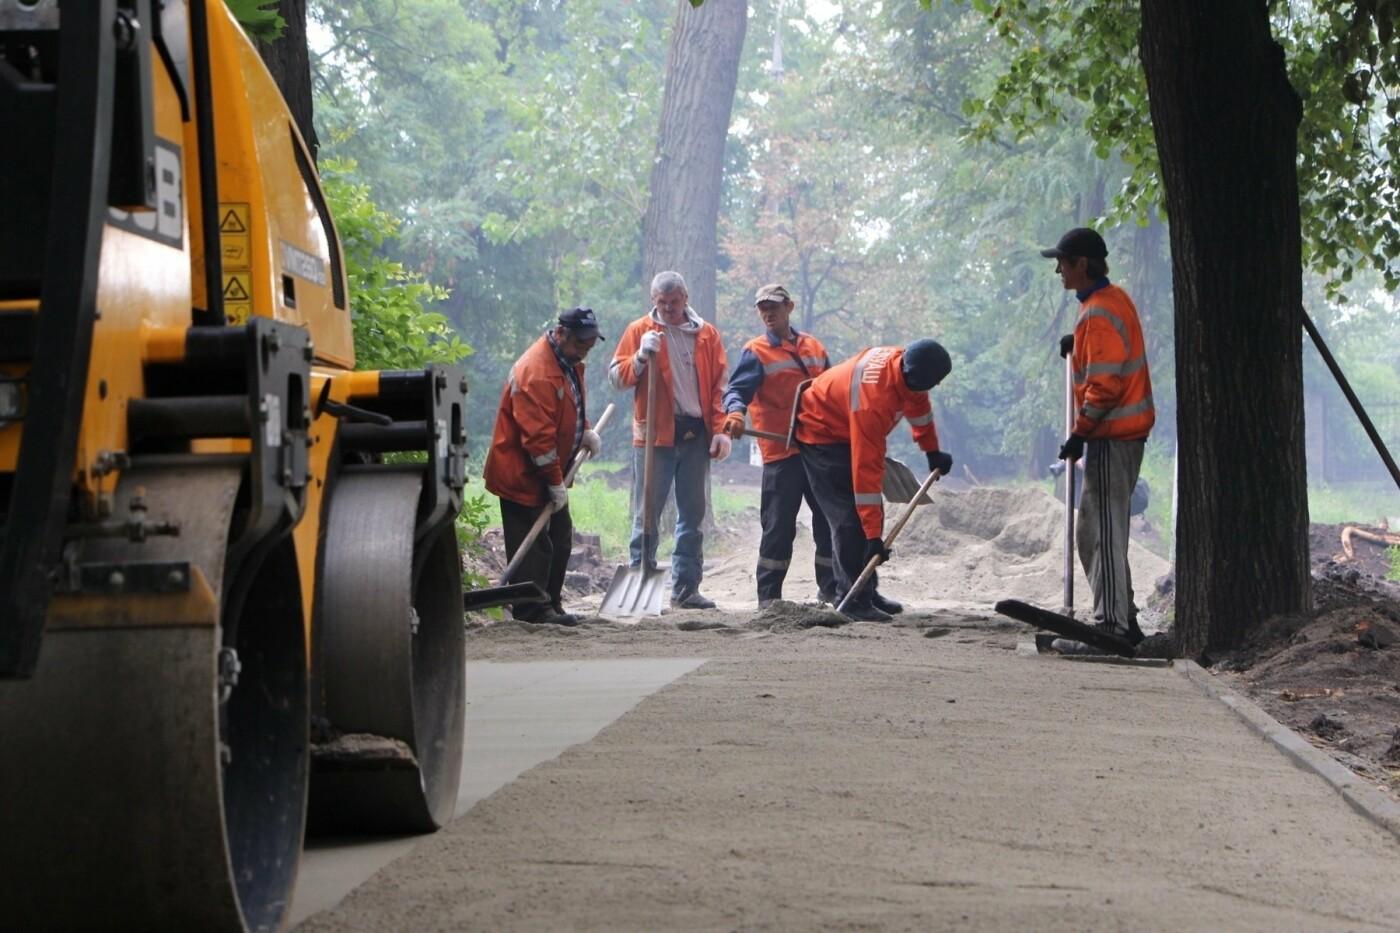 В Запорожье ремонтируют тротуары в районе проспекта Металлургов, - ФОТО, фото-3